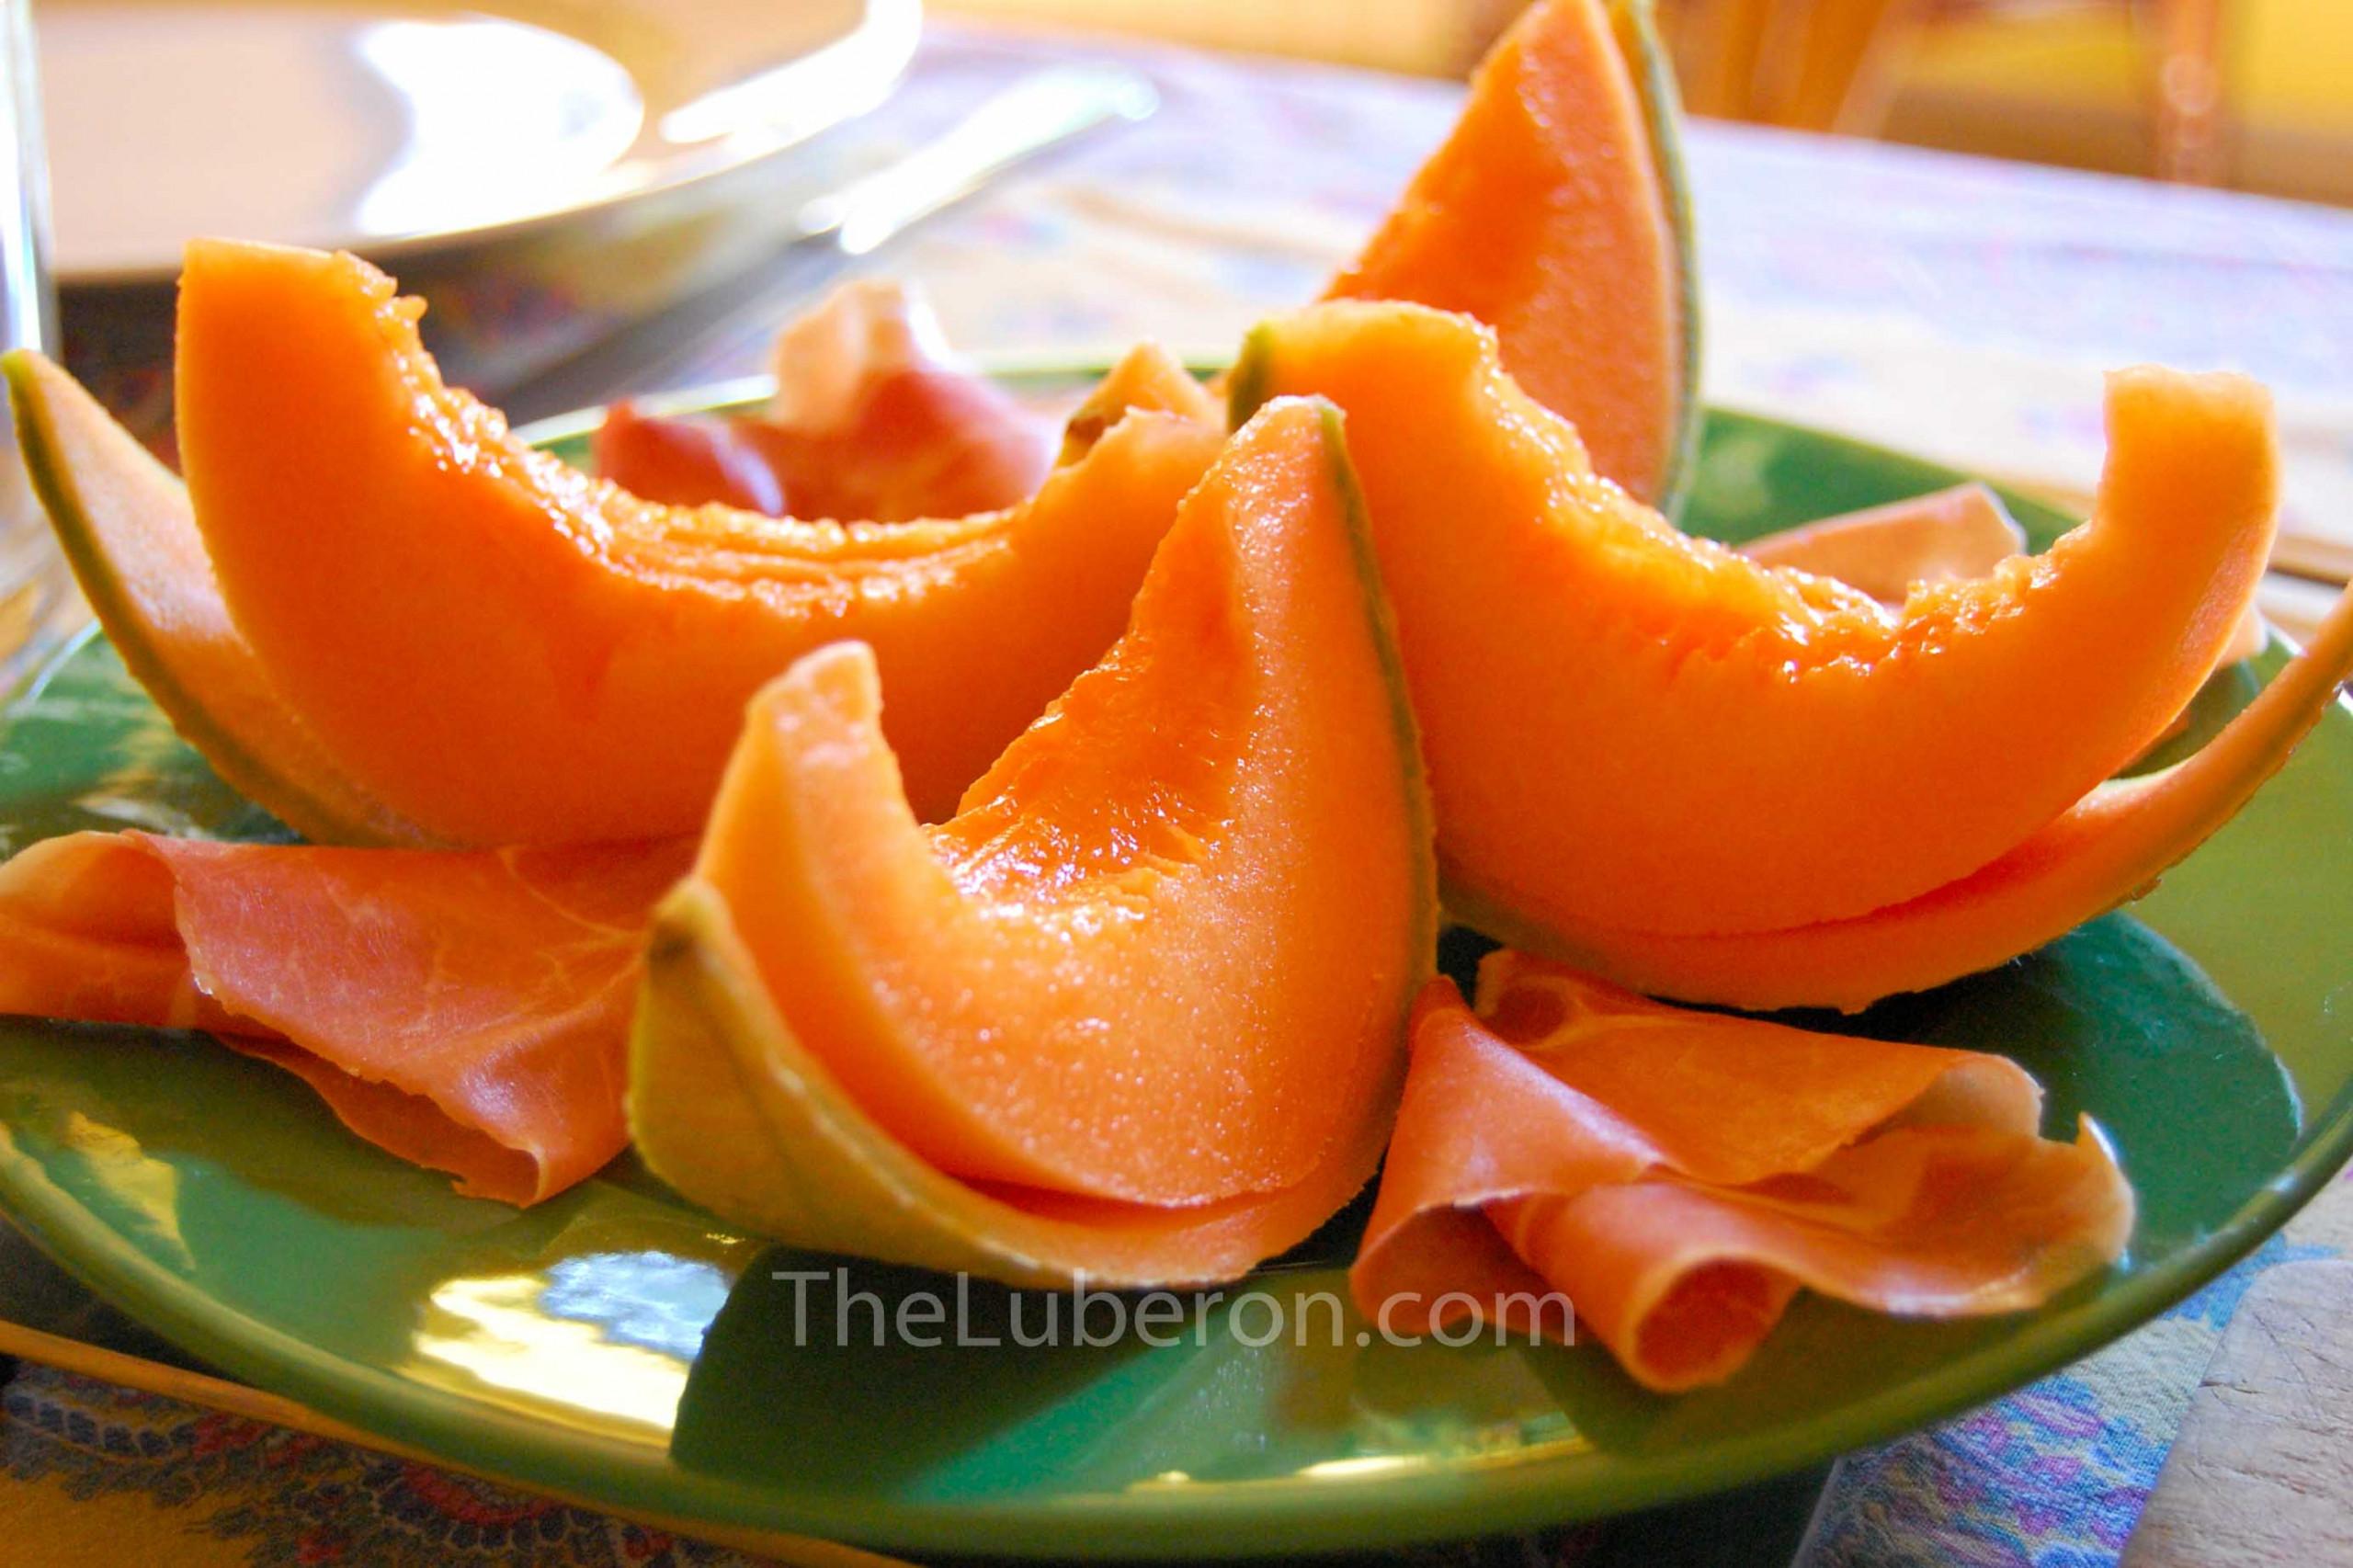 Cavaillon melon sliced on a plate